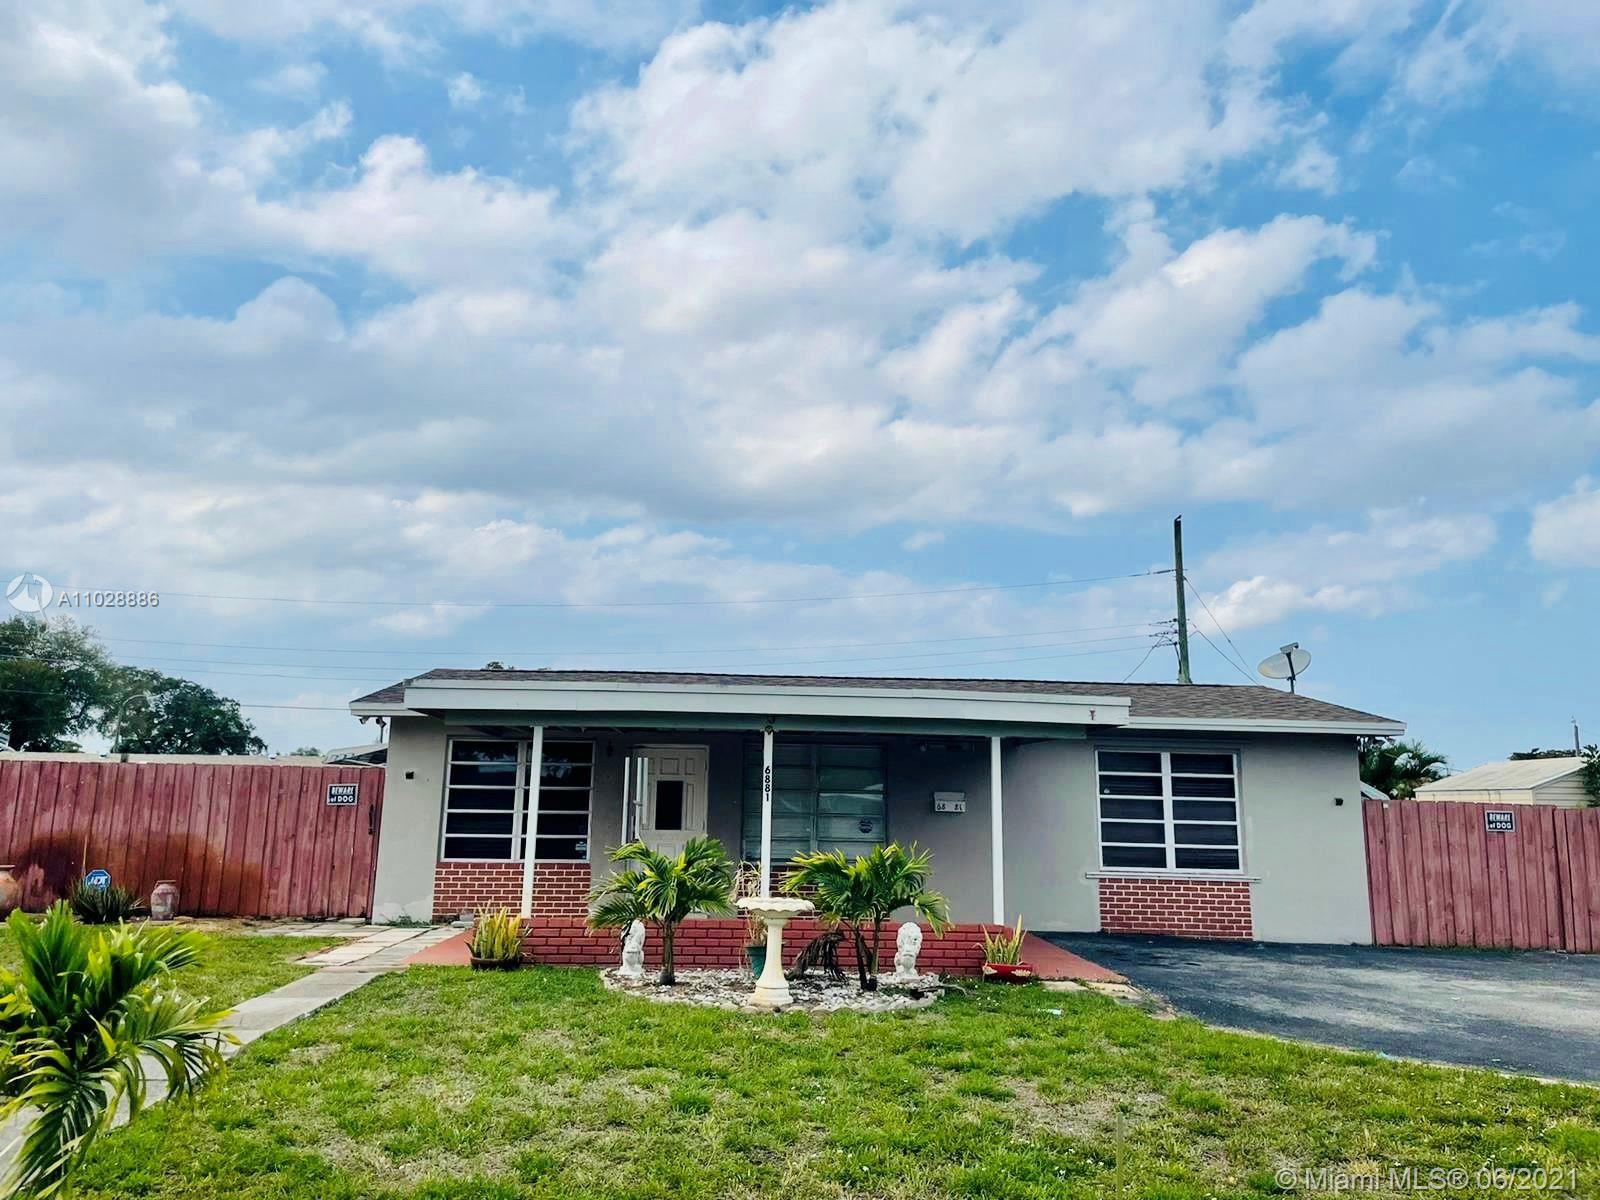 6881 SW 4th St, Pembroke Pines, FL 33023 - #: A11028886